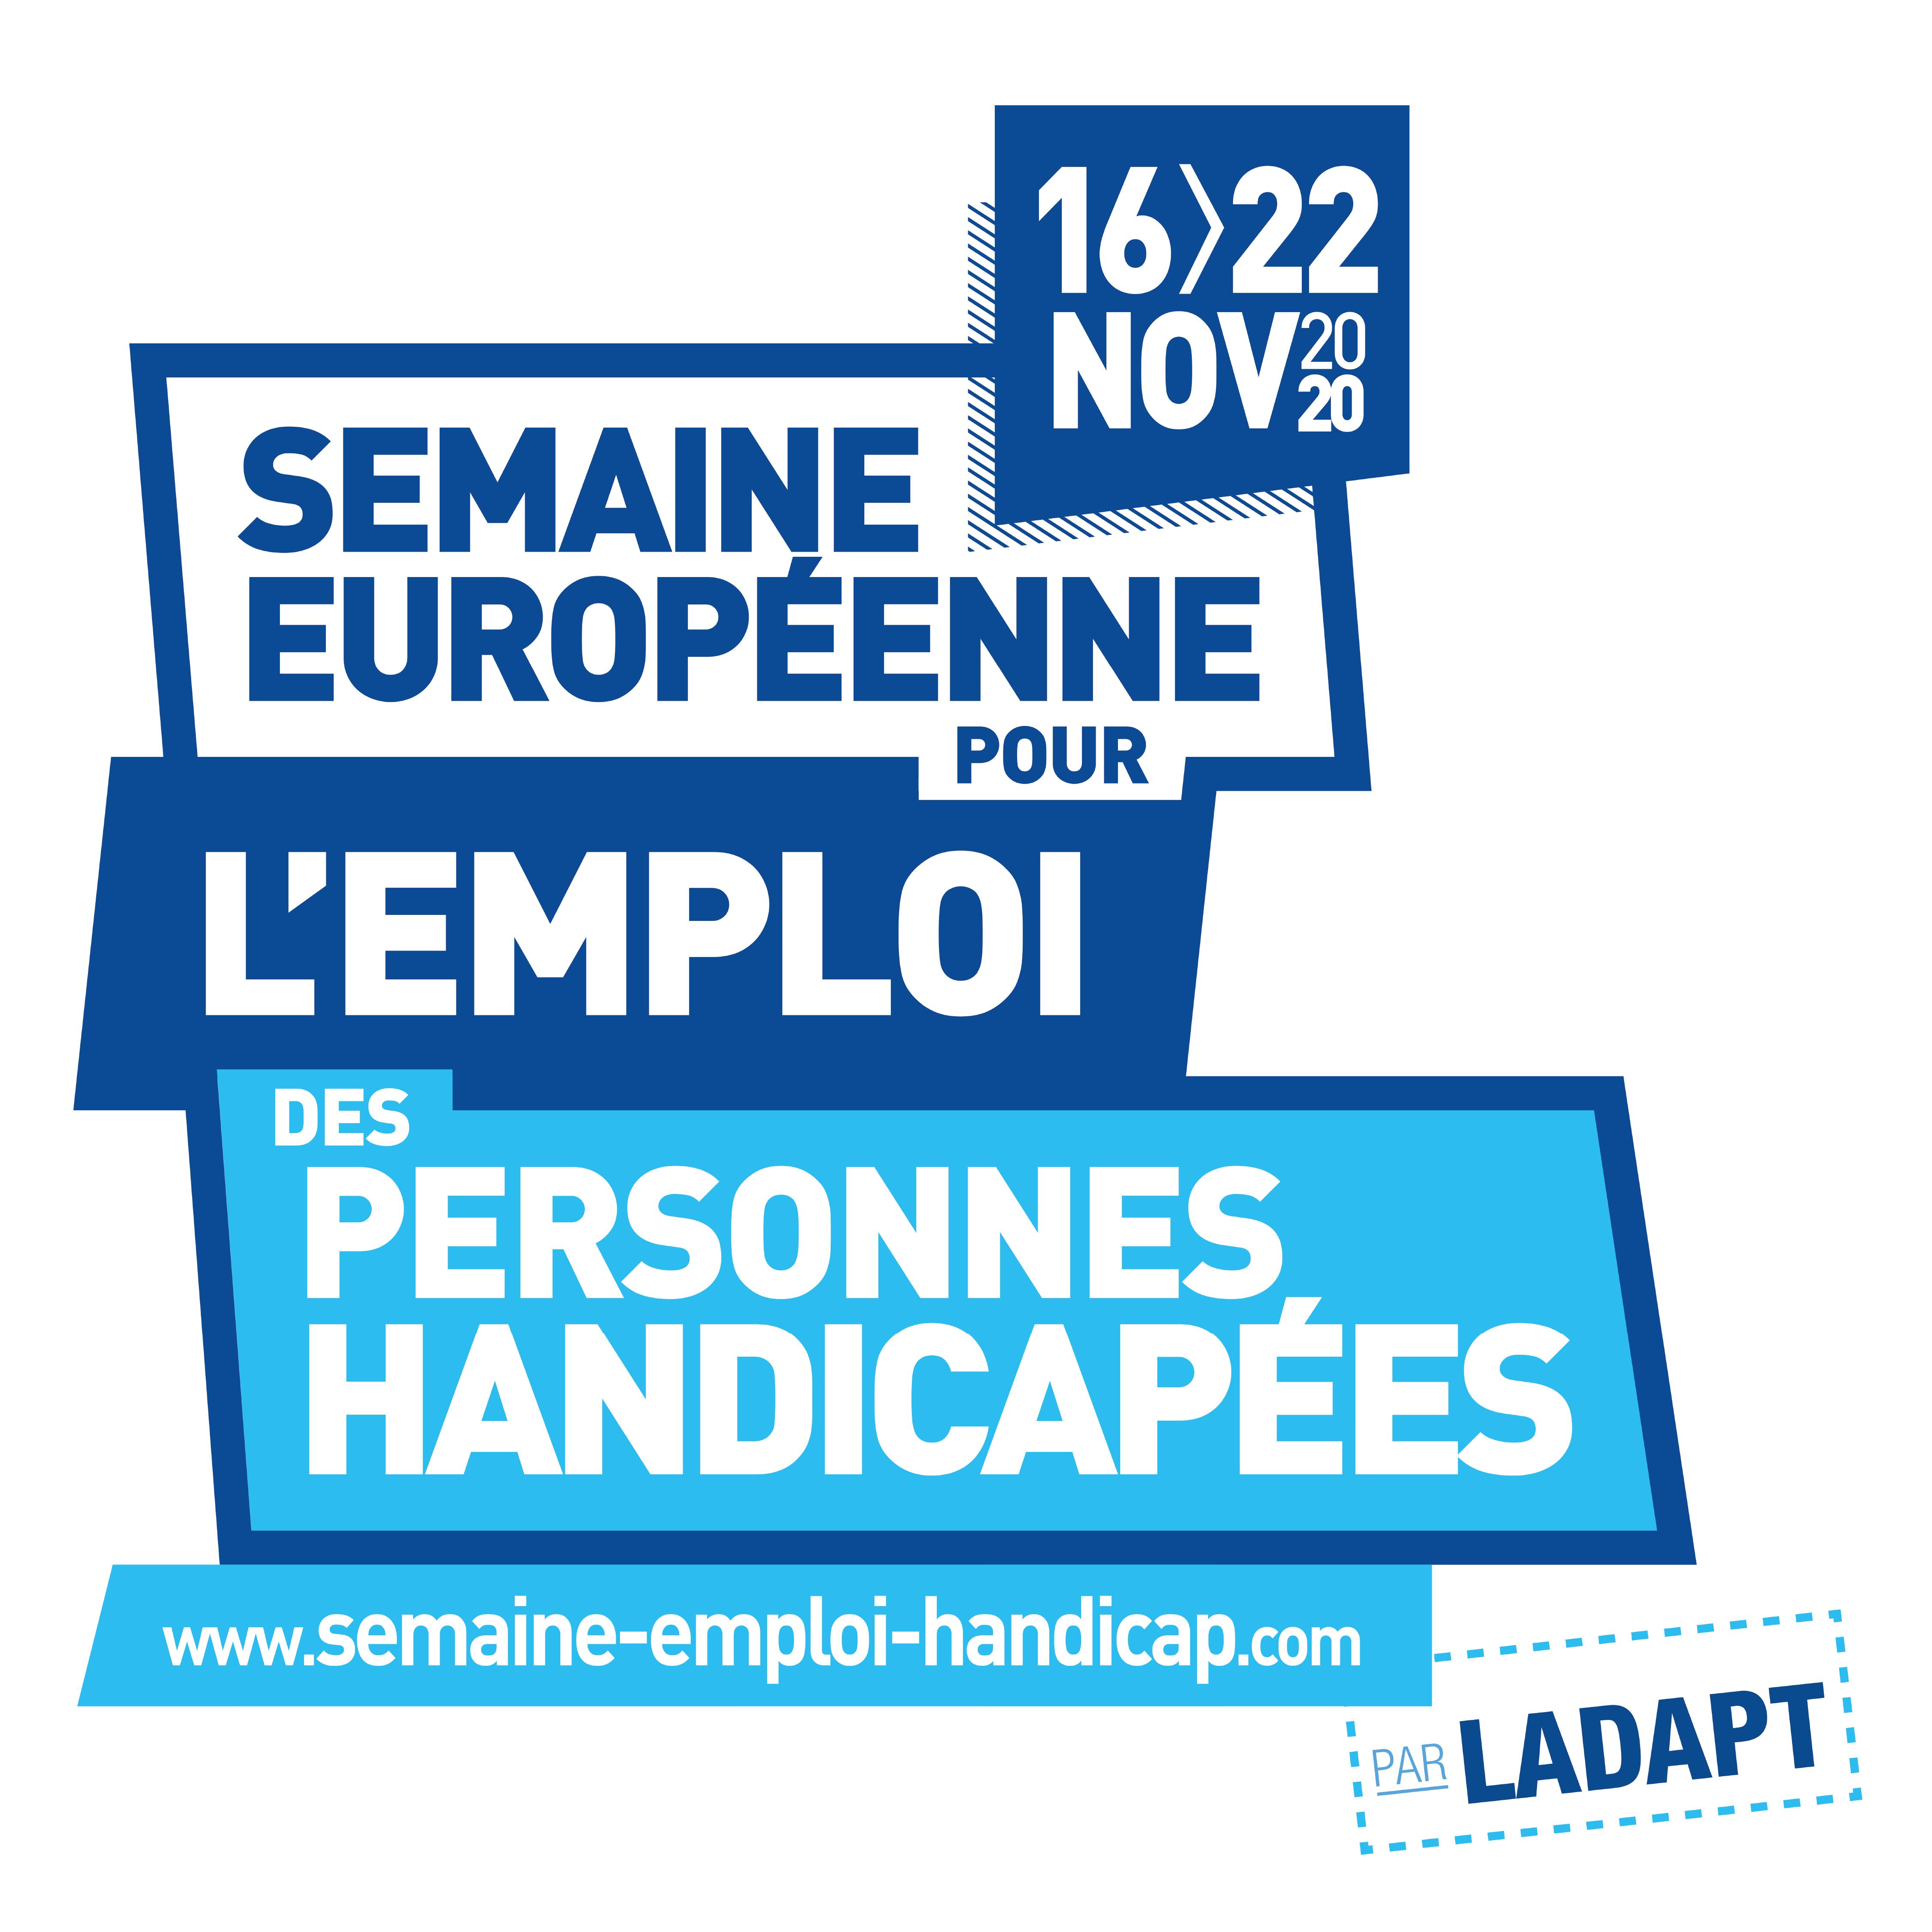 Semaine Européenne pour l'Emploi des Personnes Handicapées édition 2020